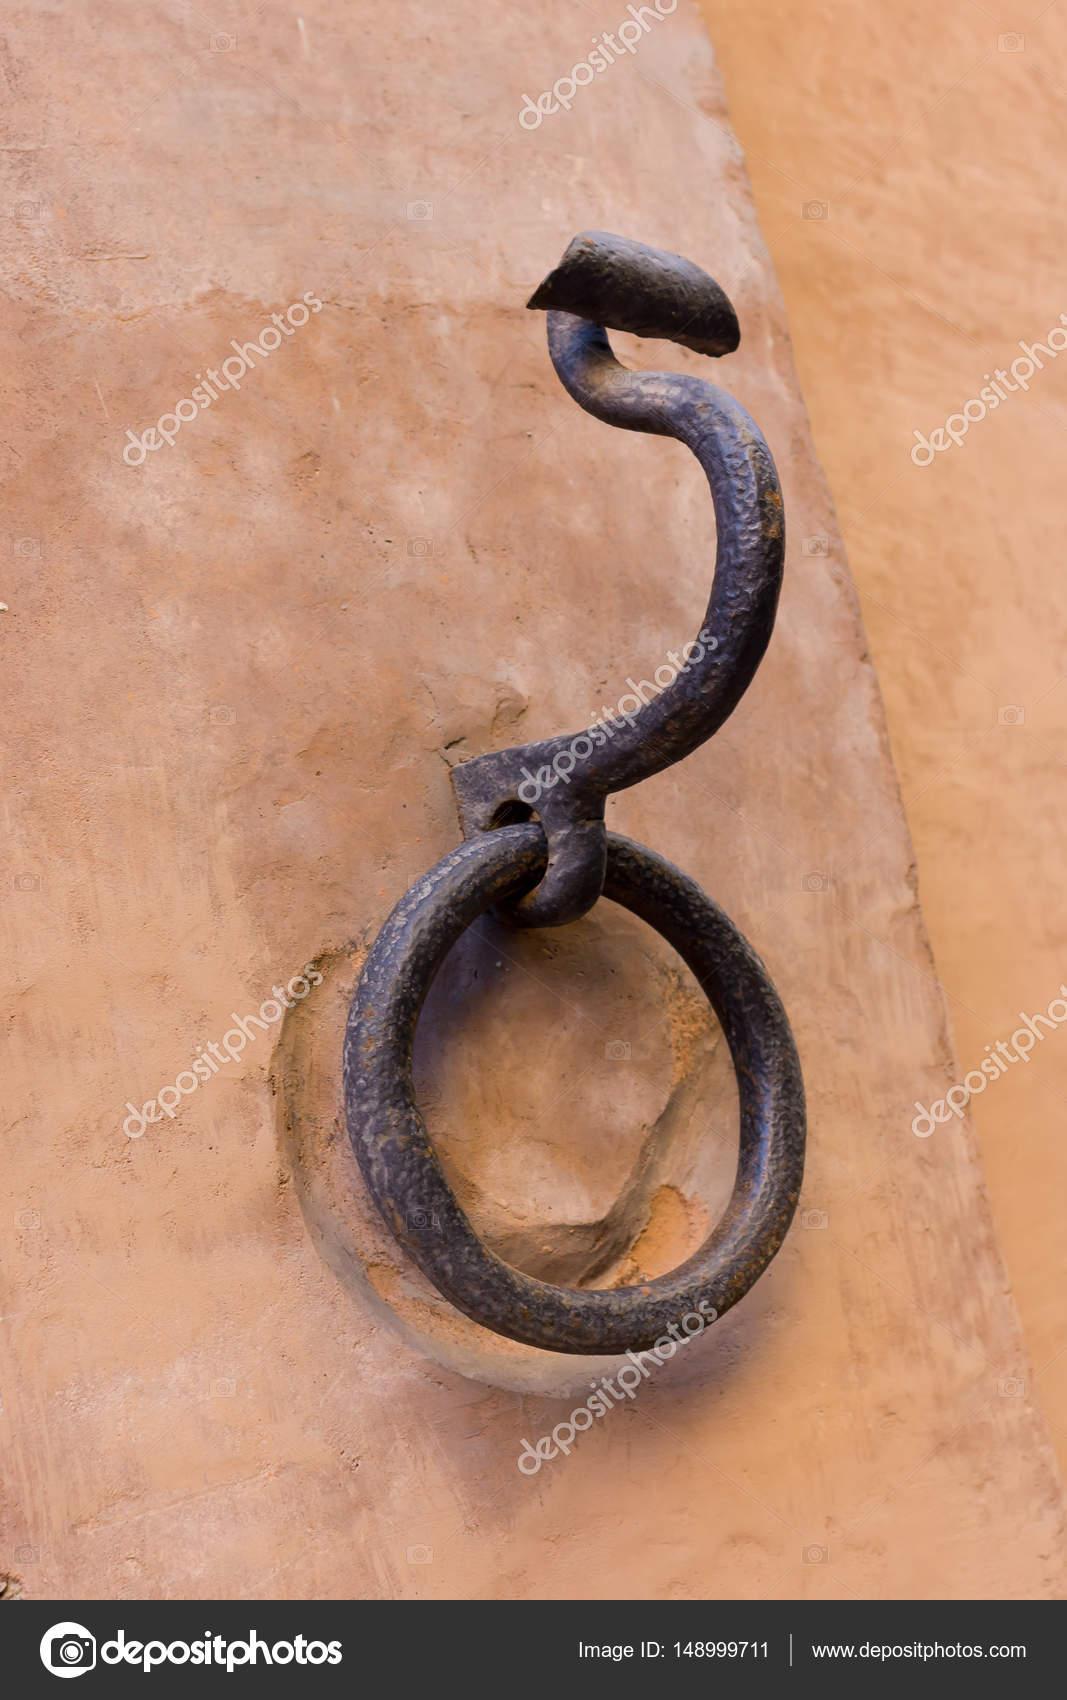 Oude Haak Uit De Muur Voor Paarden Stockfoto Fpwingc 148999711